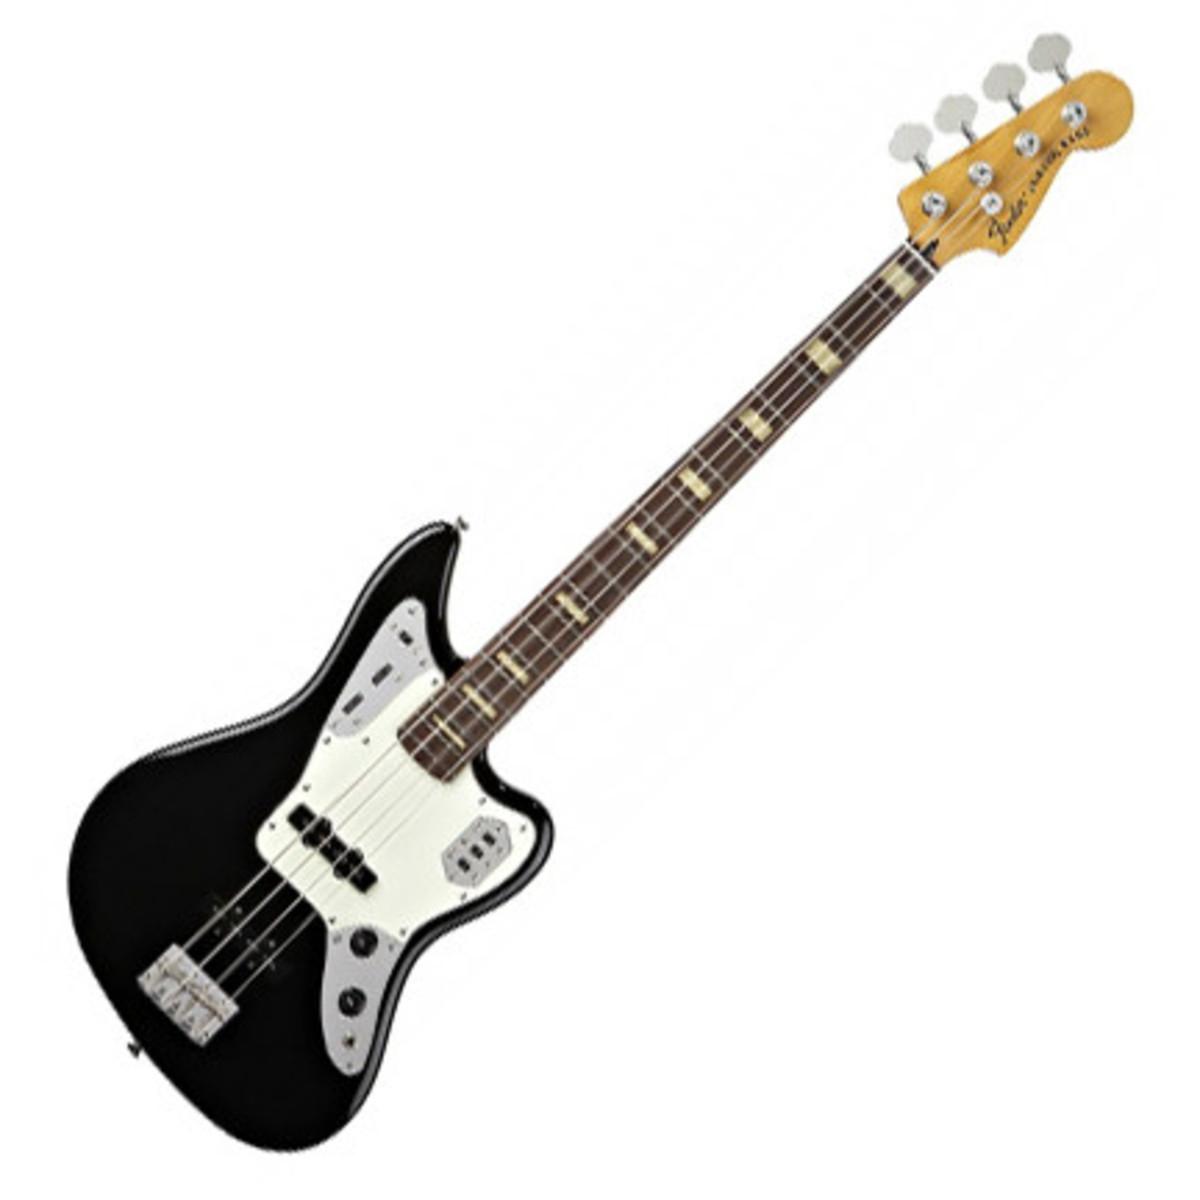 fender deluxe jaguar bass black at gear4music. Black Bedroom Furniture Sets. Home Design Ideas